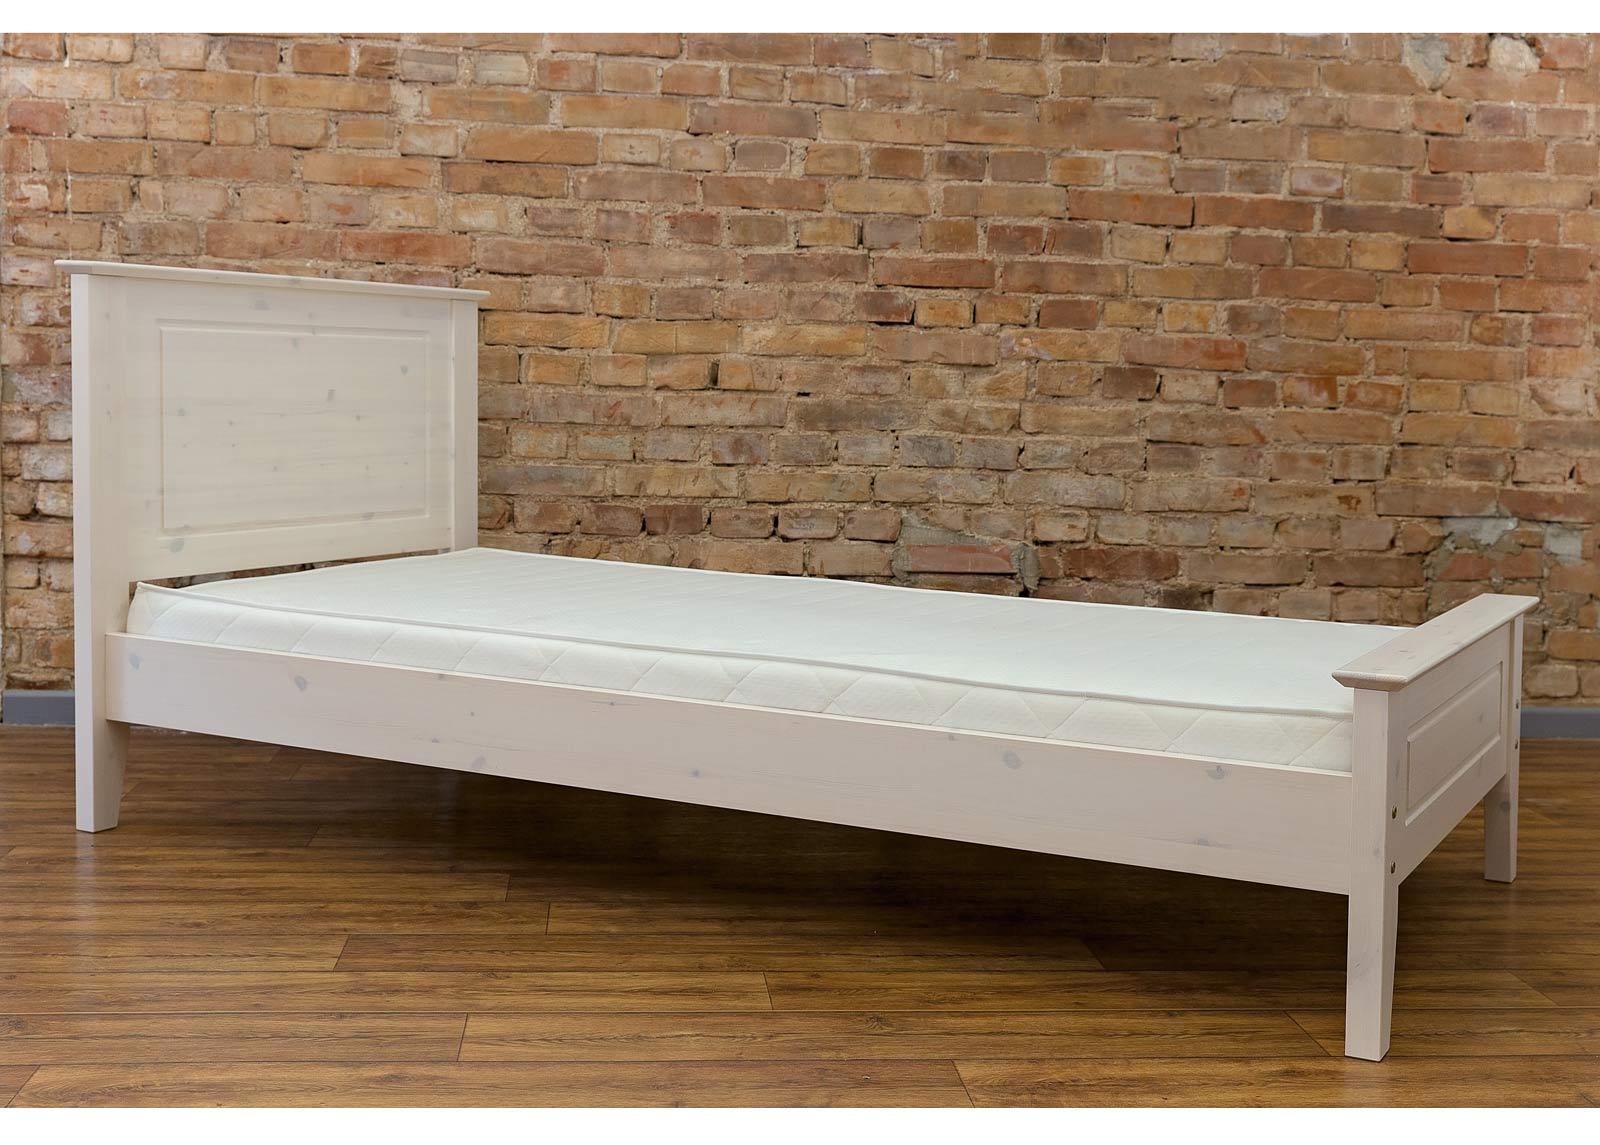 Sänky VANAMO 90x190 cm korkea jalkopääty